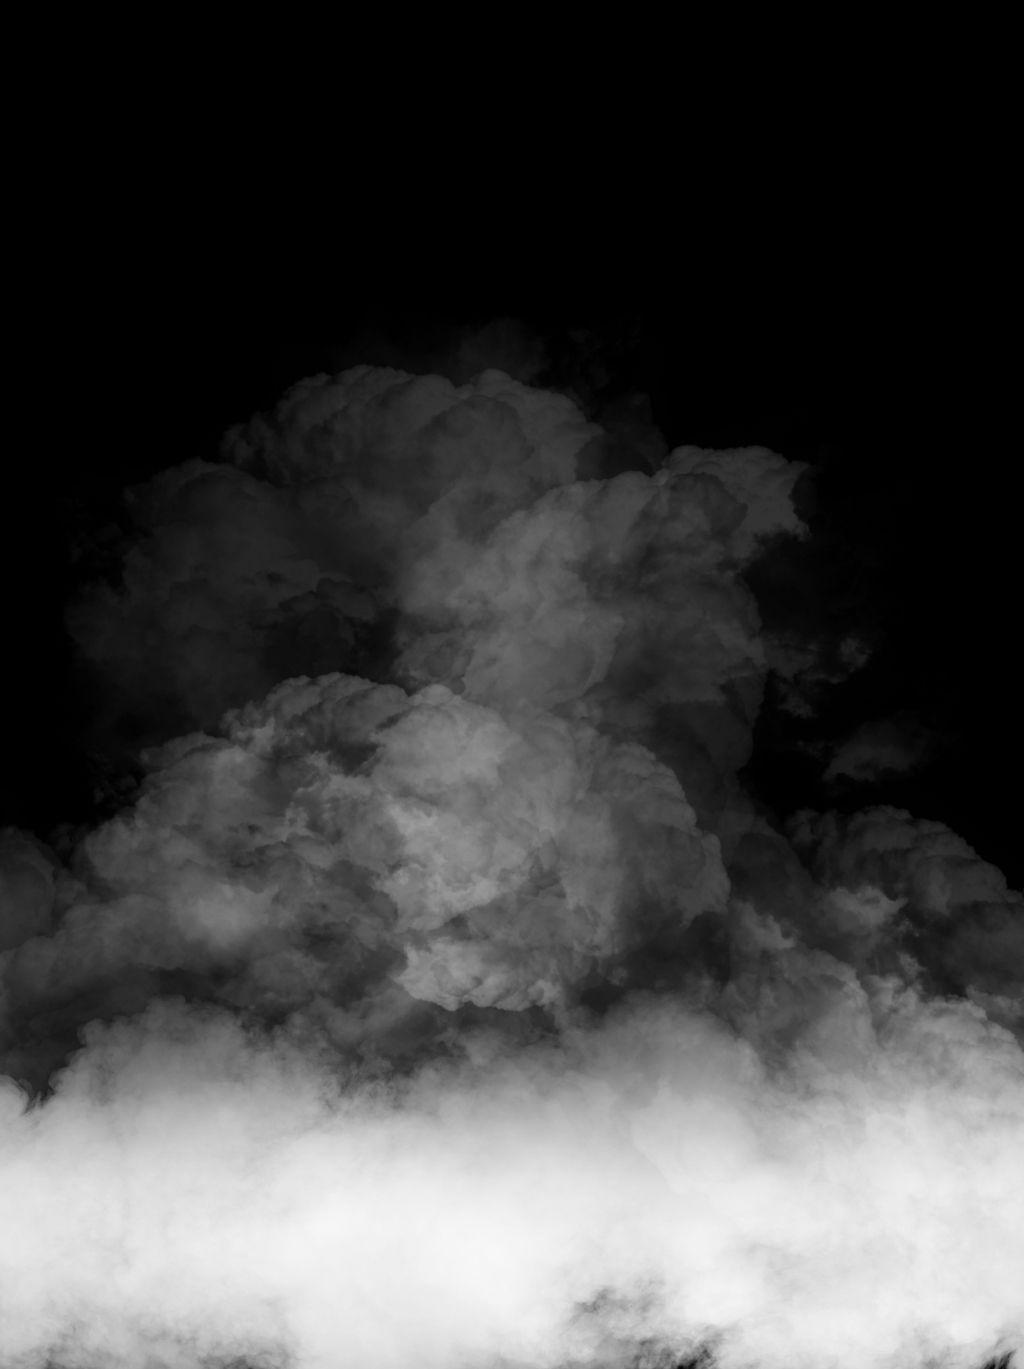 Creative Minimalist Smoke Black Background Smoke Background Photoshop Digital Background New Background Images